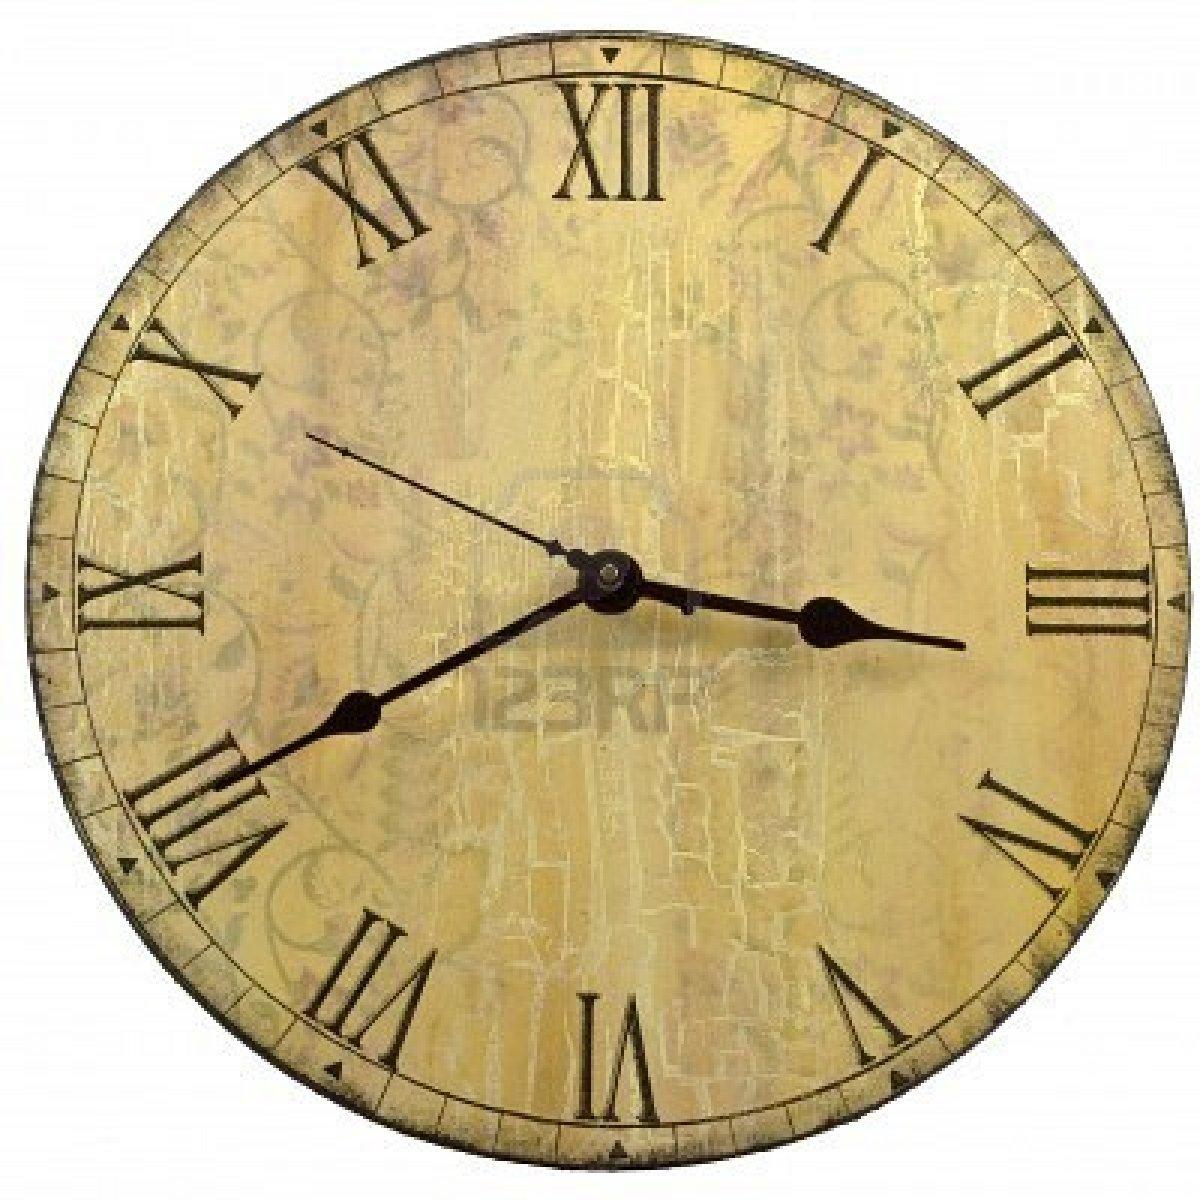 Relojes antiguos de pared dibujos - Relojes de pared ...